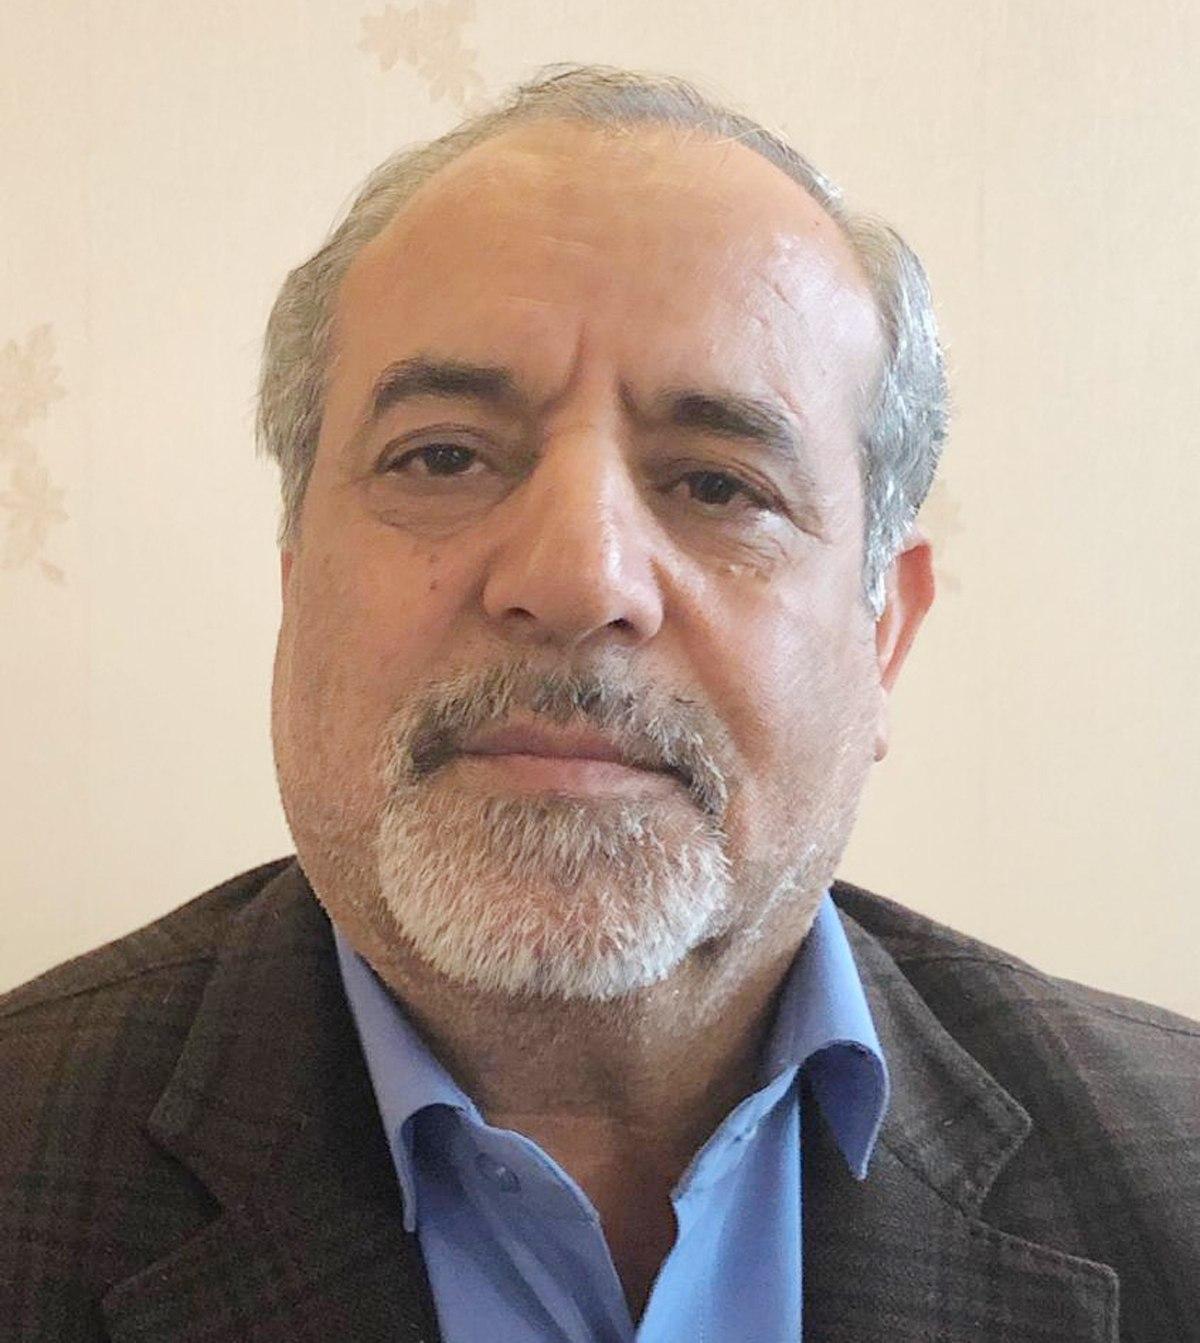 هر رای نشان دوست داشتن ایران و پرچم امید به آبادانی است | بیایید با قدرت از مجلس مطالبه حق کنیم